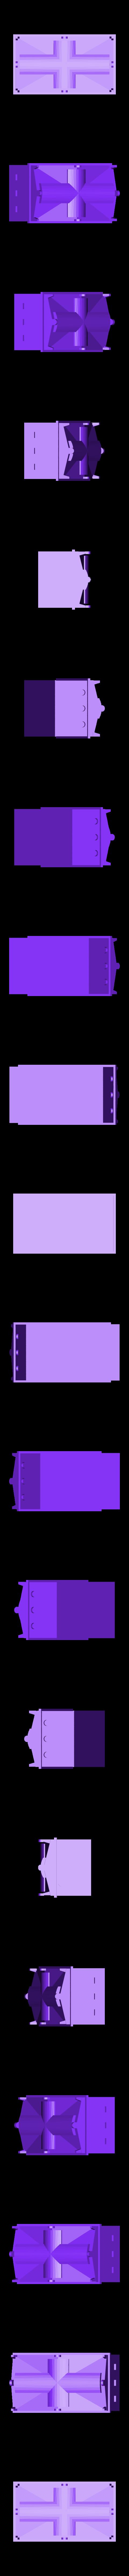 Harold_Washington_Library.stl Télécharger fichier STL gratuit Mise à jour de Chicago • Plan pour impression 3D, Urukgar4D